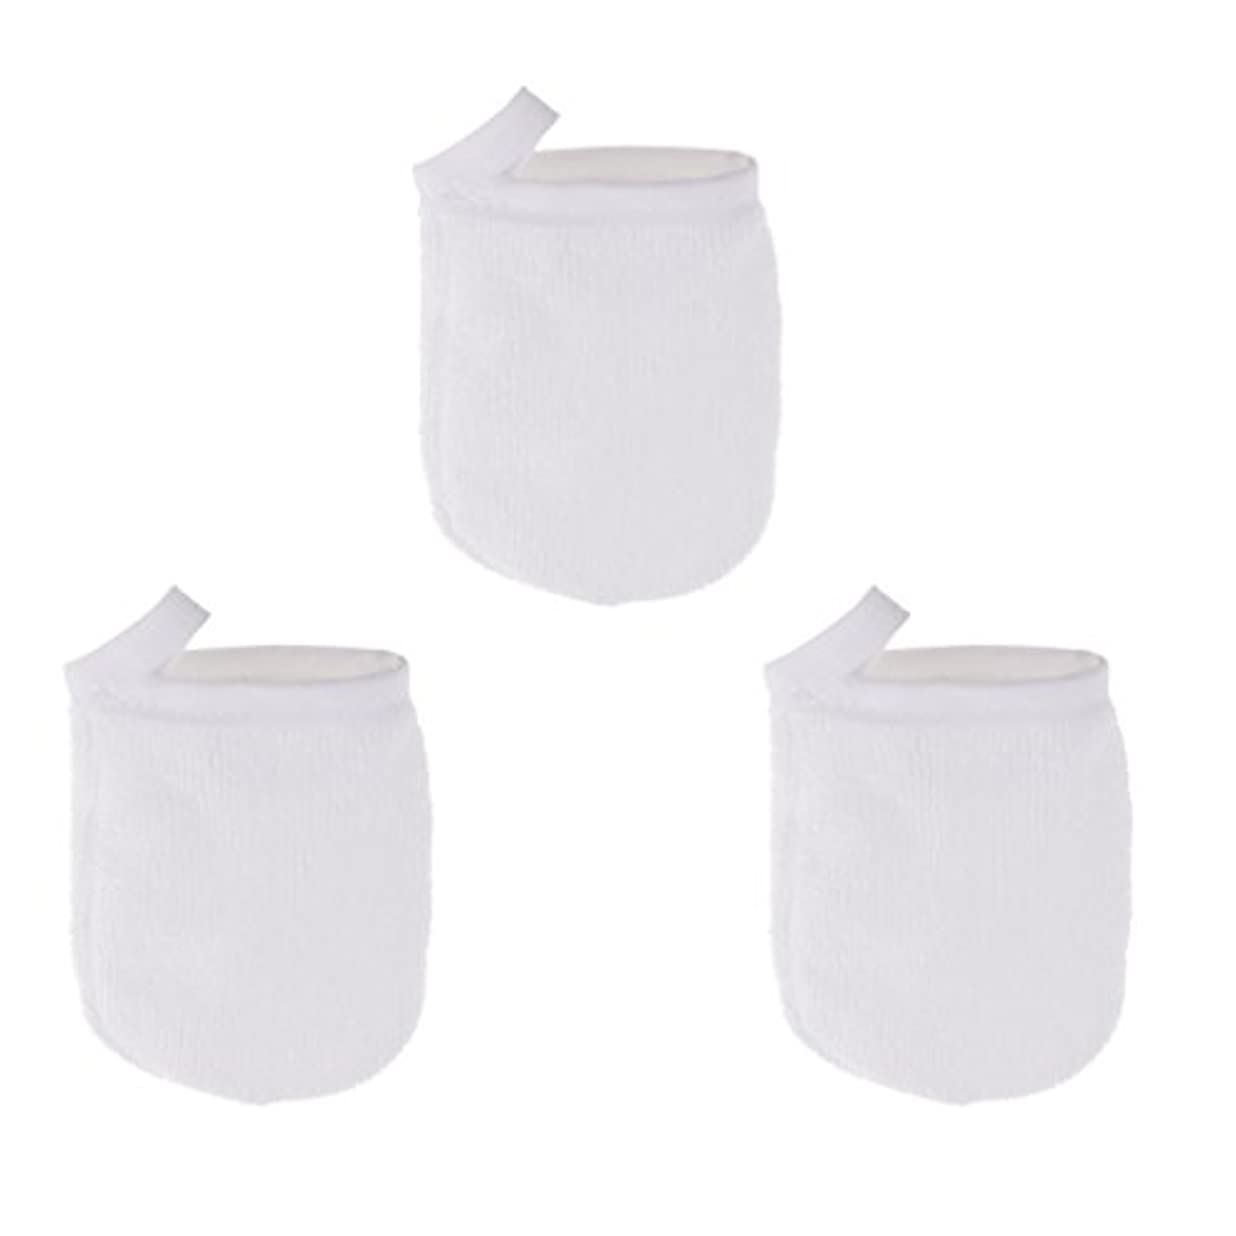 宇宙努力論理的CUTICATE ソフト フェイスクレンジンググローブ メイクリムーバー クロスパッド 3個 洗顔グローブ 手袋